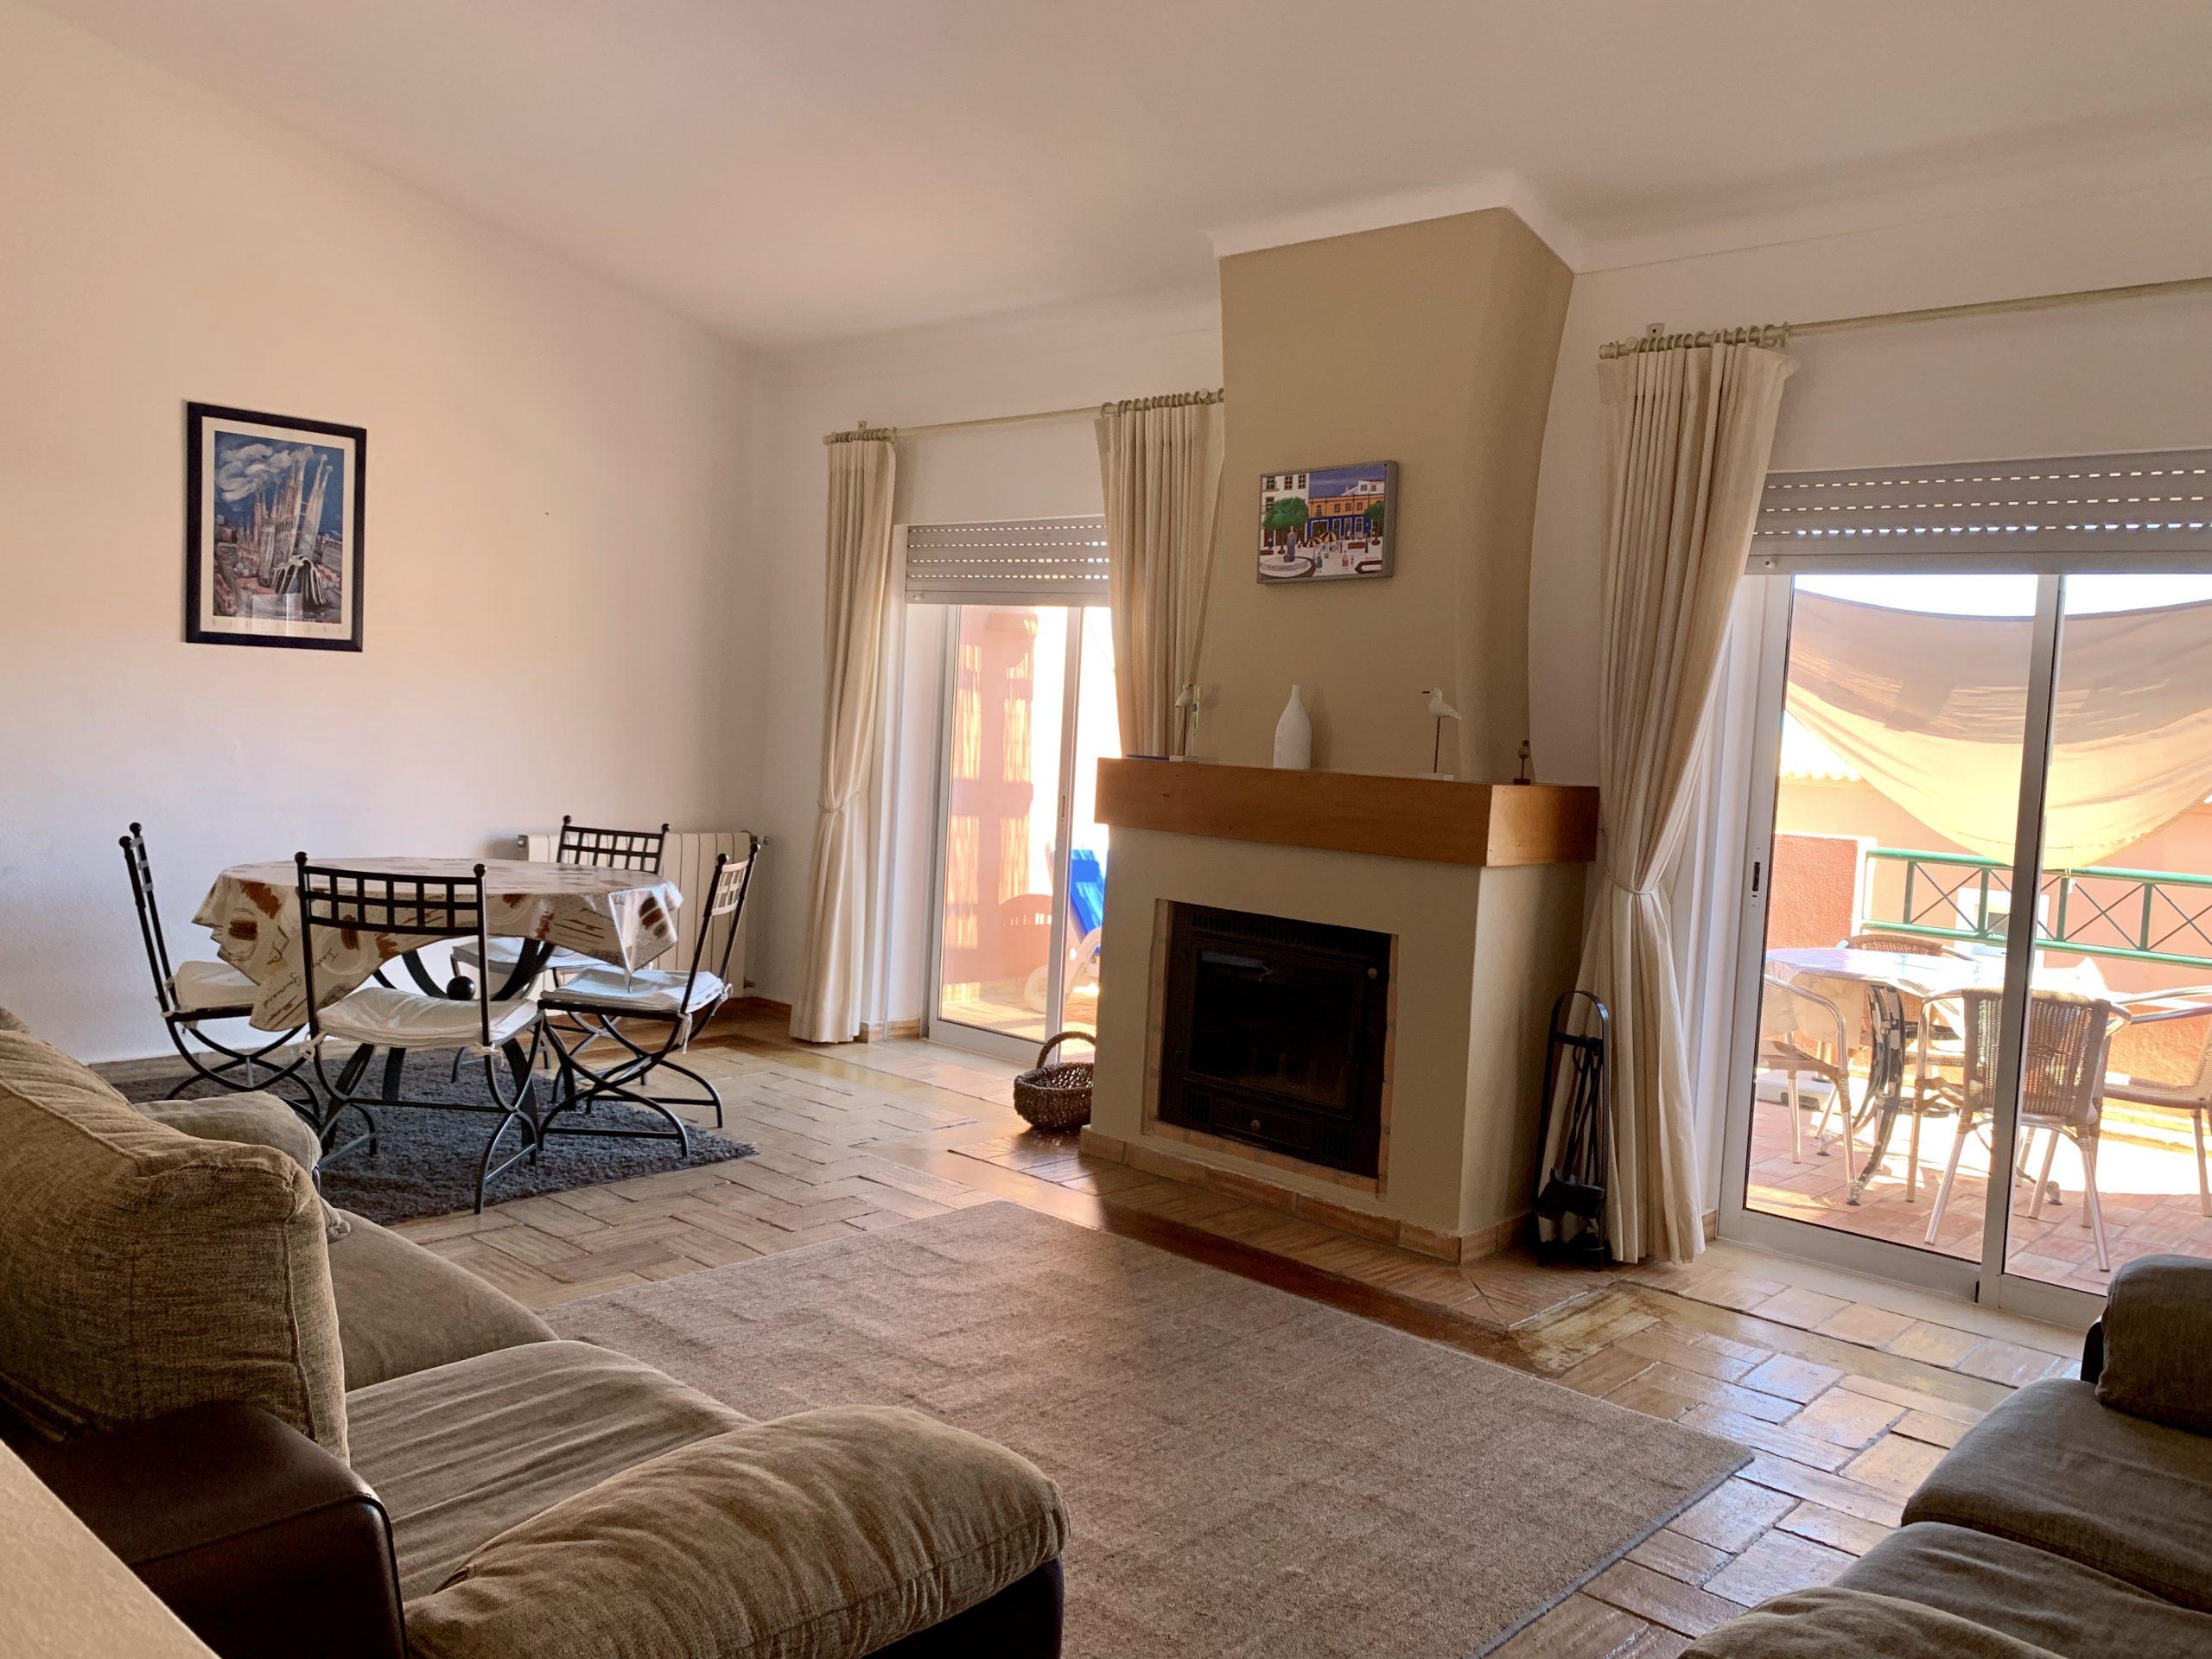 Location appartements et villas de vacance, Maison de vacances praia da Luz face à la mer à Lagos, Portugal Algarve, REF_IMG_2627_17922